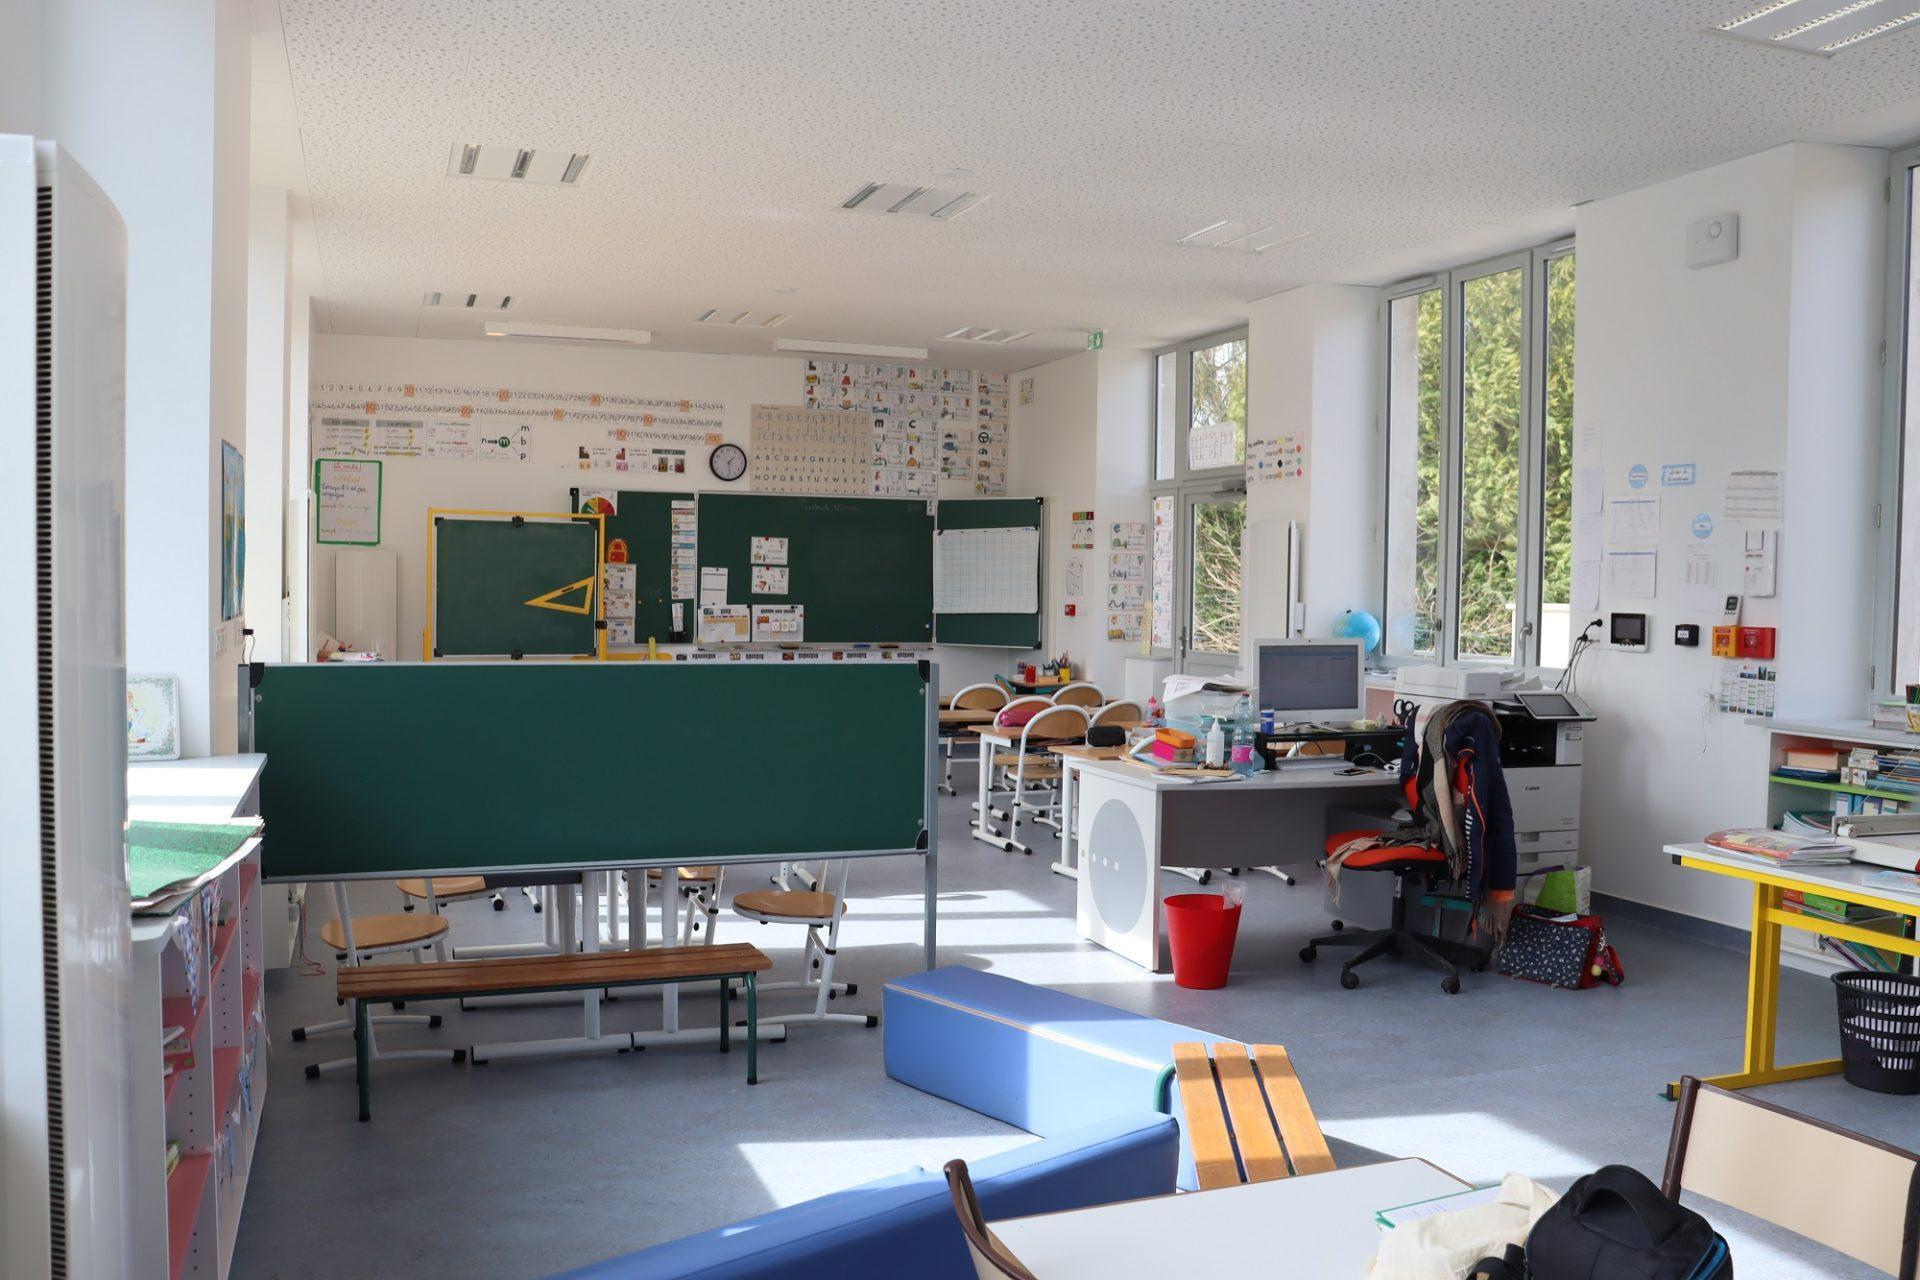 Salle de classe - Genneteil